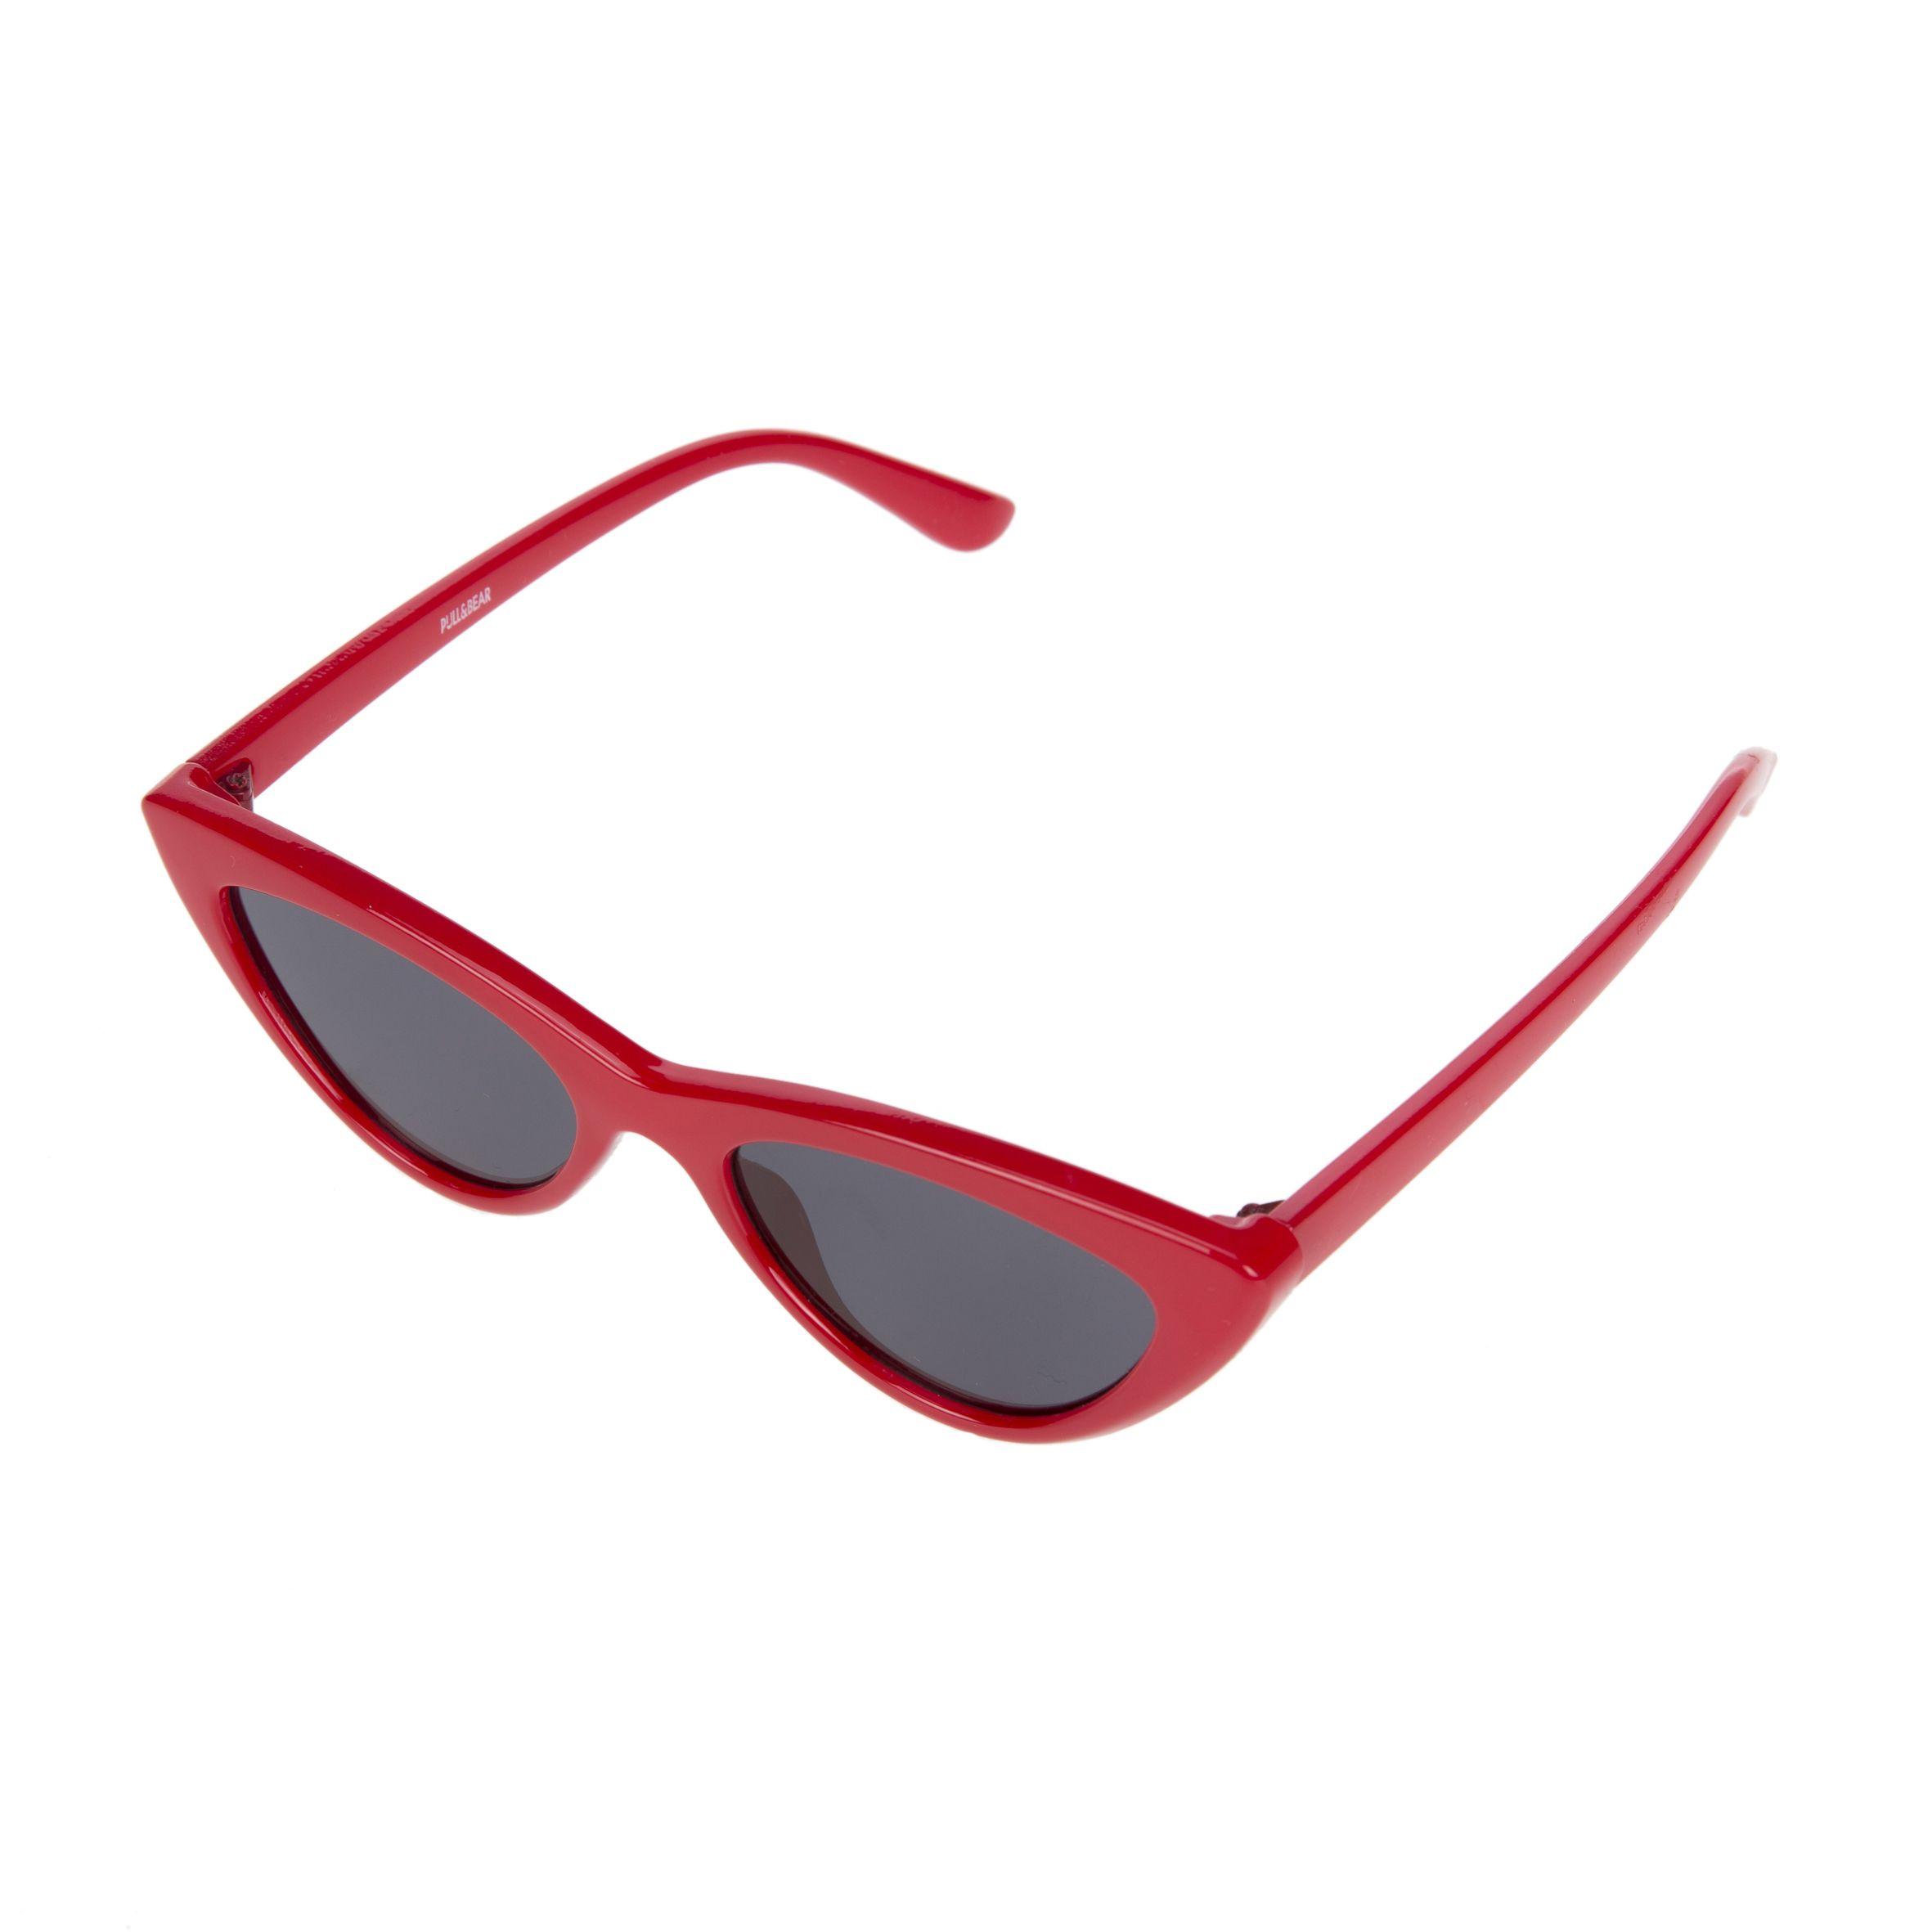 diseño de calidad be0bf b6e32 Gafas de sol de ojos de gato en pasta roja, de Pull & Bear ...